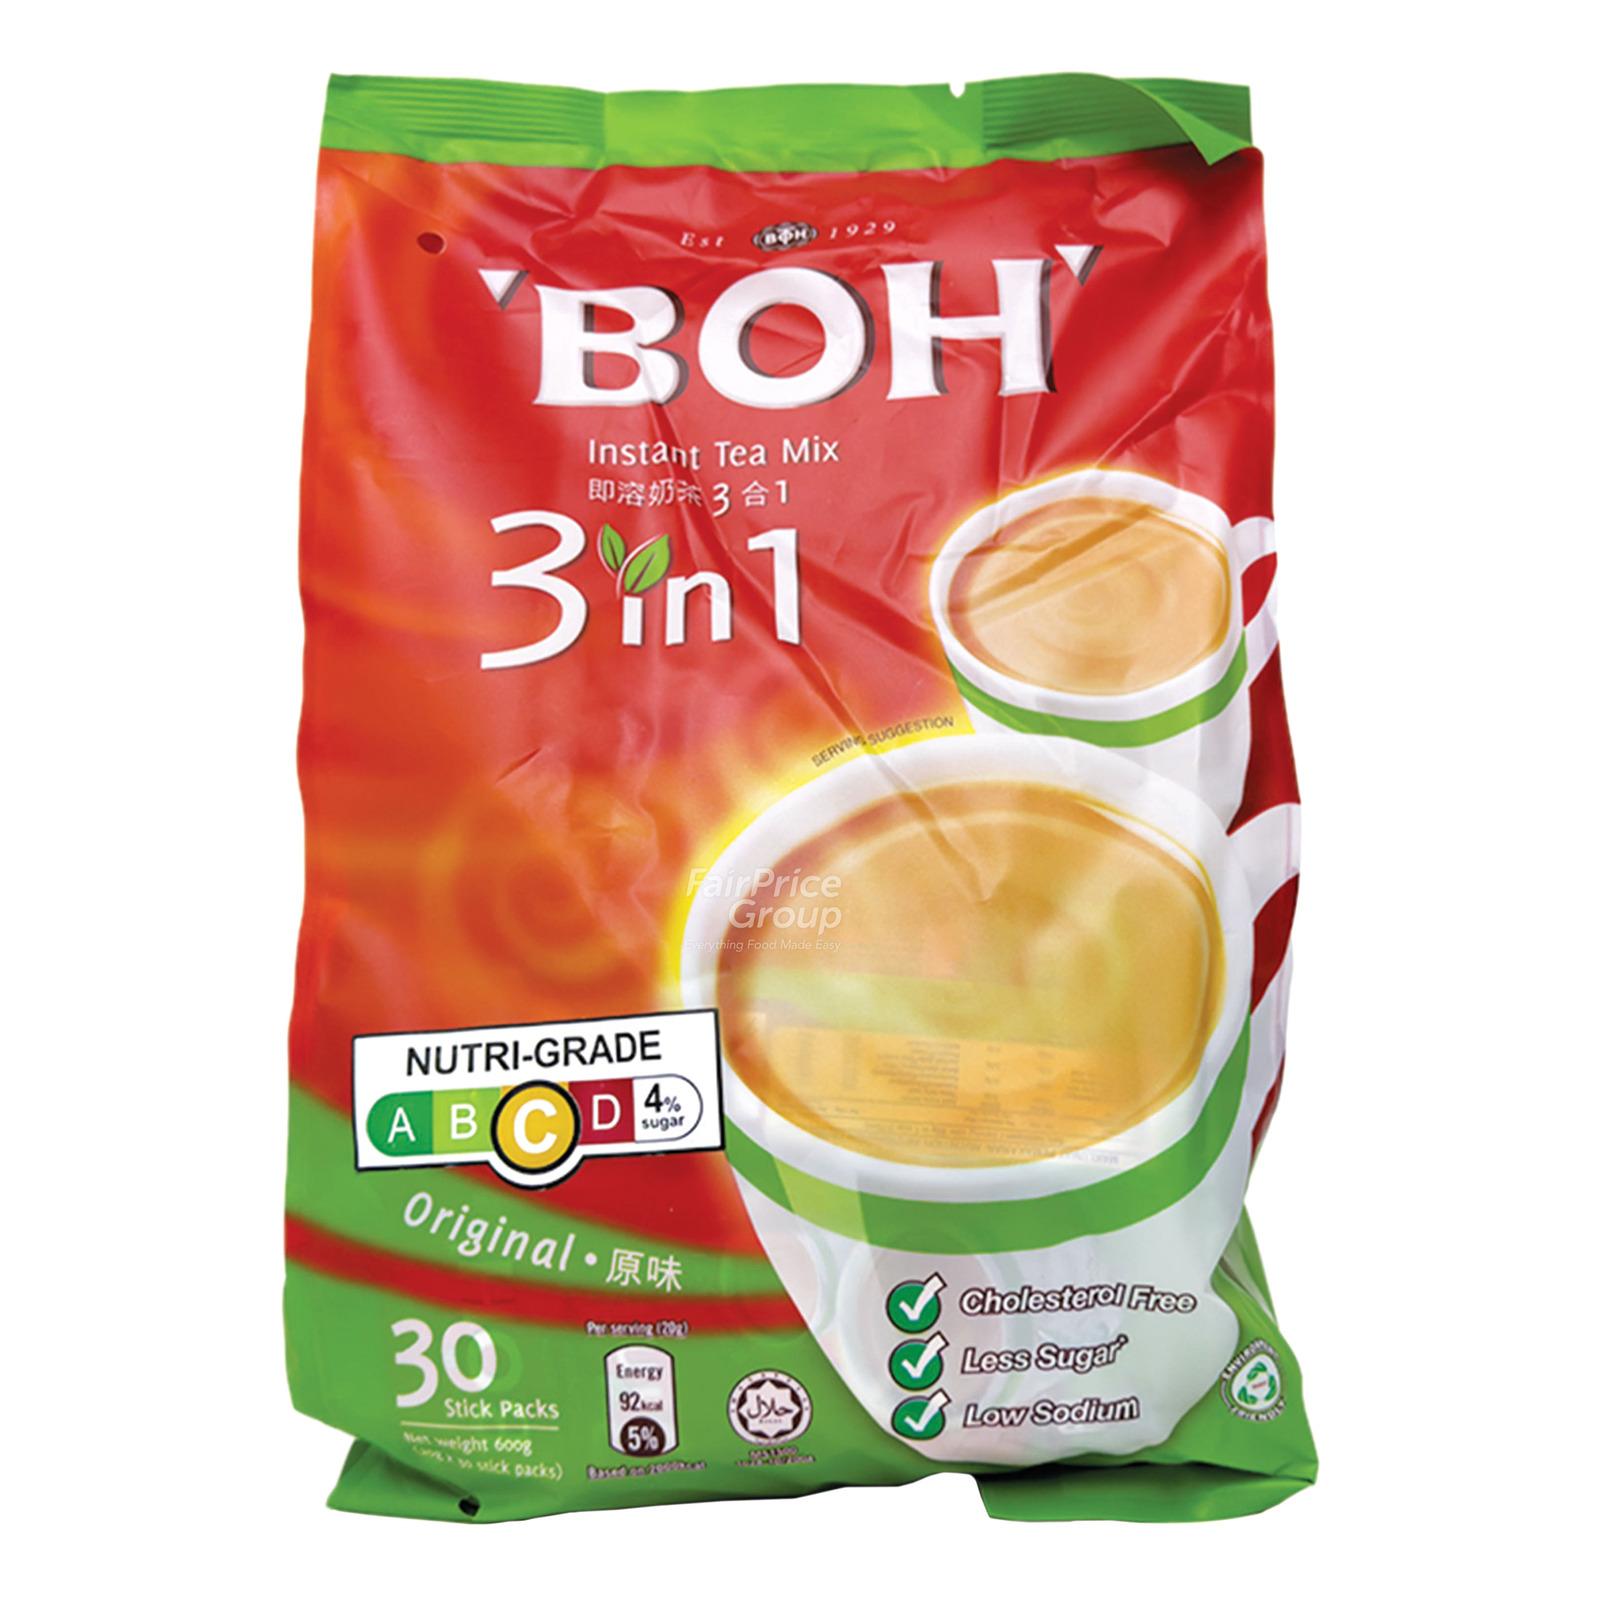 BOH 3 in 1 Instant Tea Mix - Original